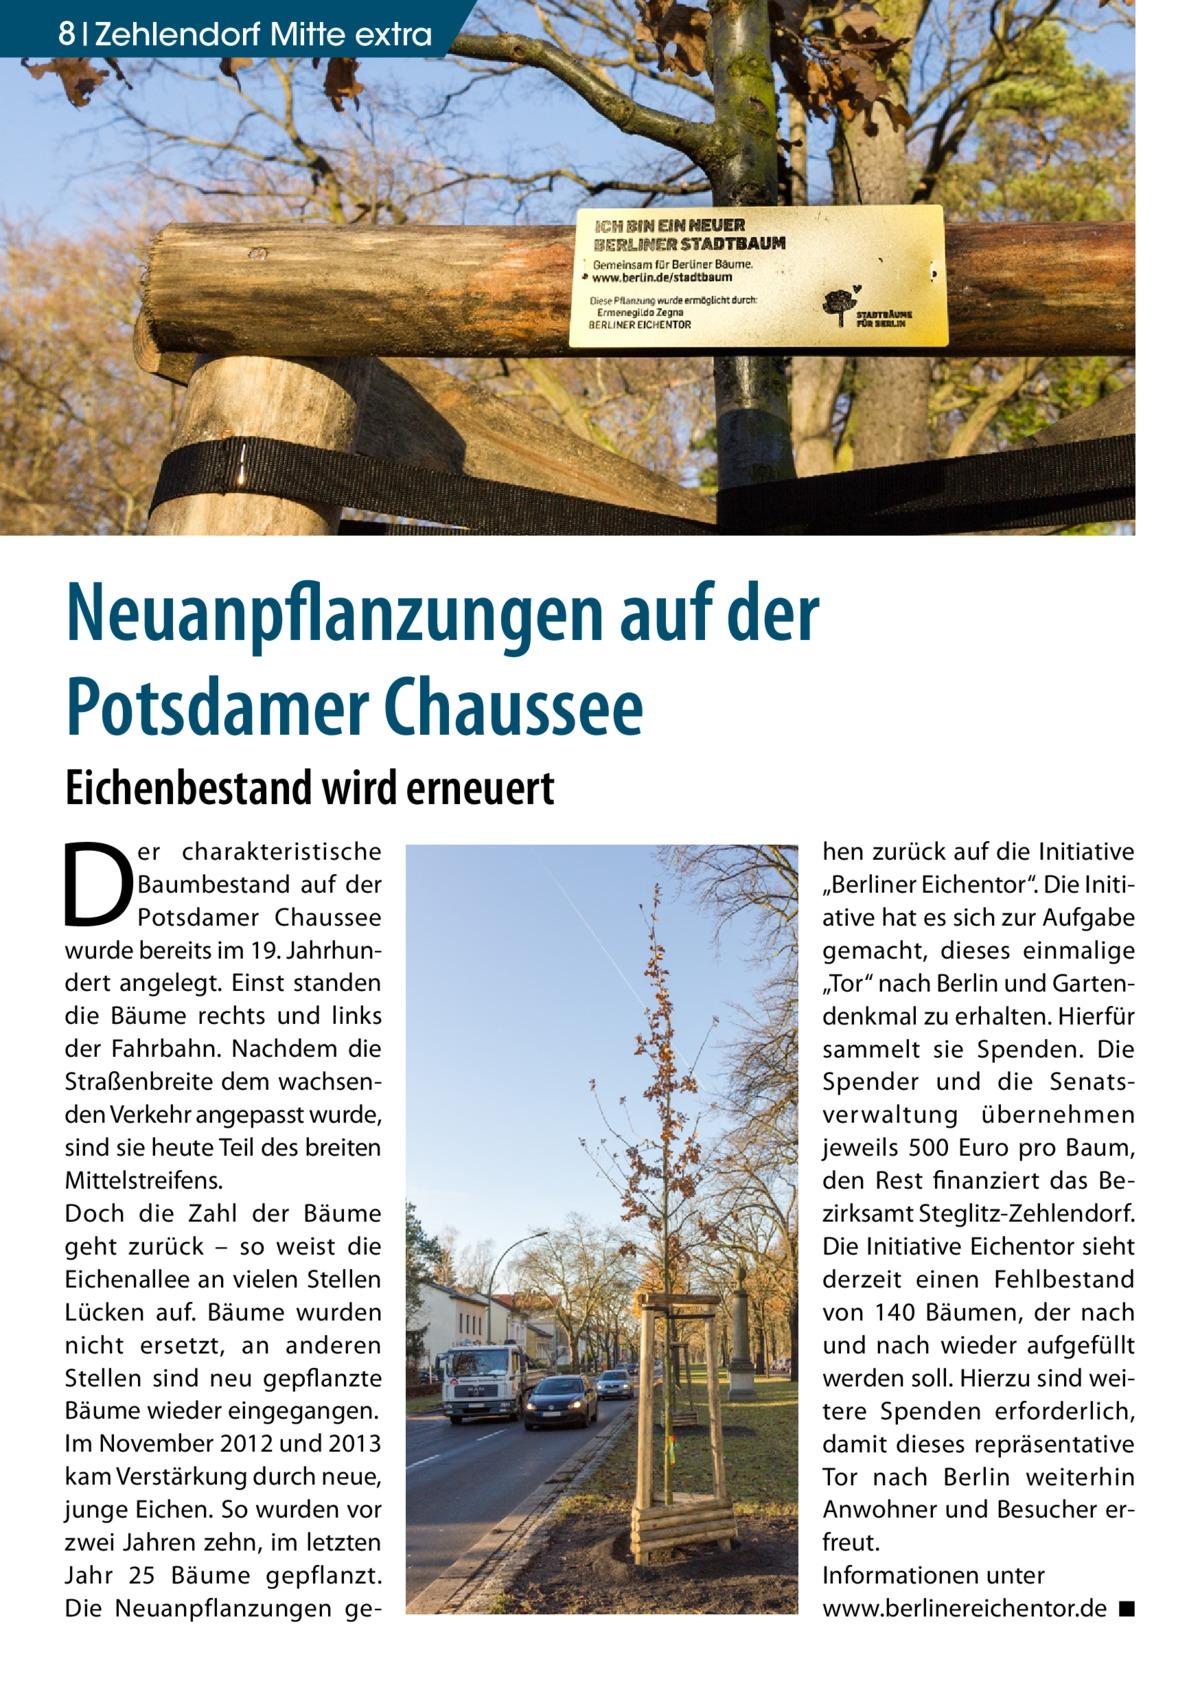 """8 Zehlendorf Mitte extra  Neuanpflanzungen auf der Potsdamer Chaussee Eichenbestand wird erneuert  D  er charakteristische Baumbestand auf der Potsdamer Chaussee wurde bereits im 19. Jahrhundert angelegt. Einst standen die Bäume rechts und links der Fahrbahn. Nachdem die Straßenbreite dem wachsenden Verkehr angepasst wurde, sind sie heute Teil des breiten Mittelstreifens. Doch die Zahl der Bäume geht zurück – so weist die Eichenallee an vielen Stellen Lücken auf. Bäume wurden nicht ersetzt, an anderen Stellen sind neu gepflanzte Bäume wieder eingegangen. Im November 2012 und 2013 kam Verstärkung durch neue, junge Eichen. So wurden vor zwei Jahren zehn, im letzten Jahr 25 Bäume gepflanzt. Die Neuanpflanzungen ge hen zurück auf die Initiative """"Berliner Eichentor"""". Die Initiative hat es sich zur Aufgabe gemacht, dieses einmalige """"Tor"""" nach Berlin und Gartendenkmal zu erhalten. Hierfür sammelt sie Spenden. Die Spender und die Senatsverwaltung übernehmen jeweils 500 Euro pro Baum, den Rest finanziert das Bezirksamt Steglitz-Zehlendorf. Die Initiative Eichentor sieht derzeit einen Fehlbestand von 140 Bäumen, der nach und nach wieder aufgefüllt werden soll. Hierzu sind weitere Spenden erforderlich, damit dieses repräsentative Tor nach Berlin weiterhin Anwohner und Besucher erfreut. Informationen unter www.berlinereichentor.de � ◾"""